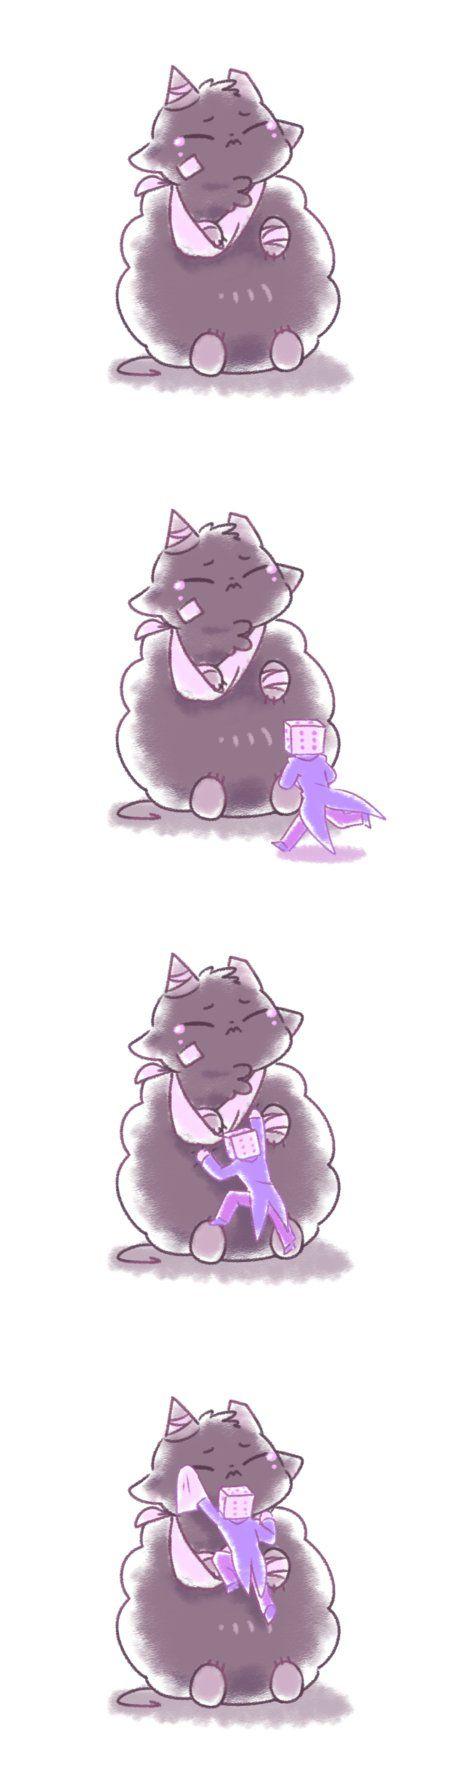 hush my lil fluffy puff by Mochiyy